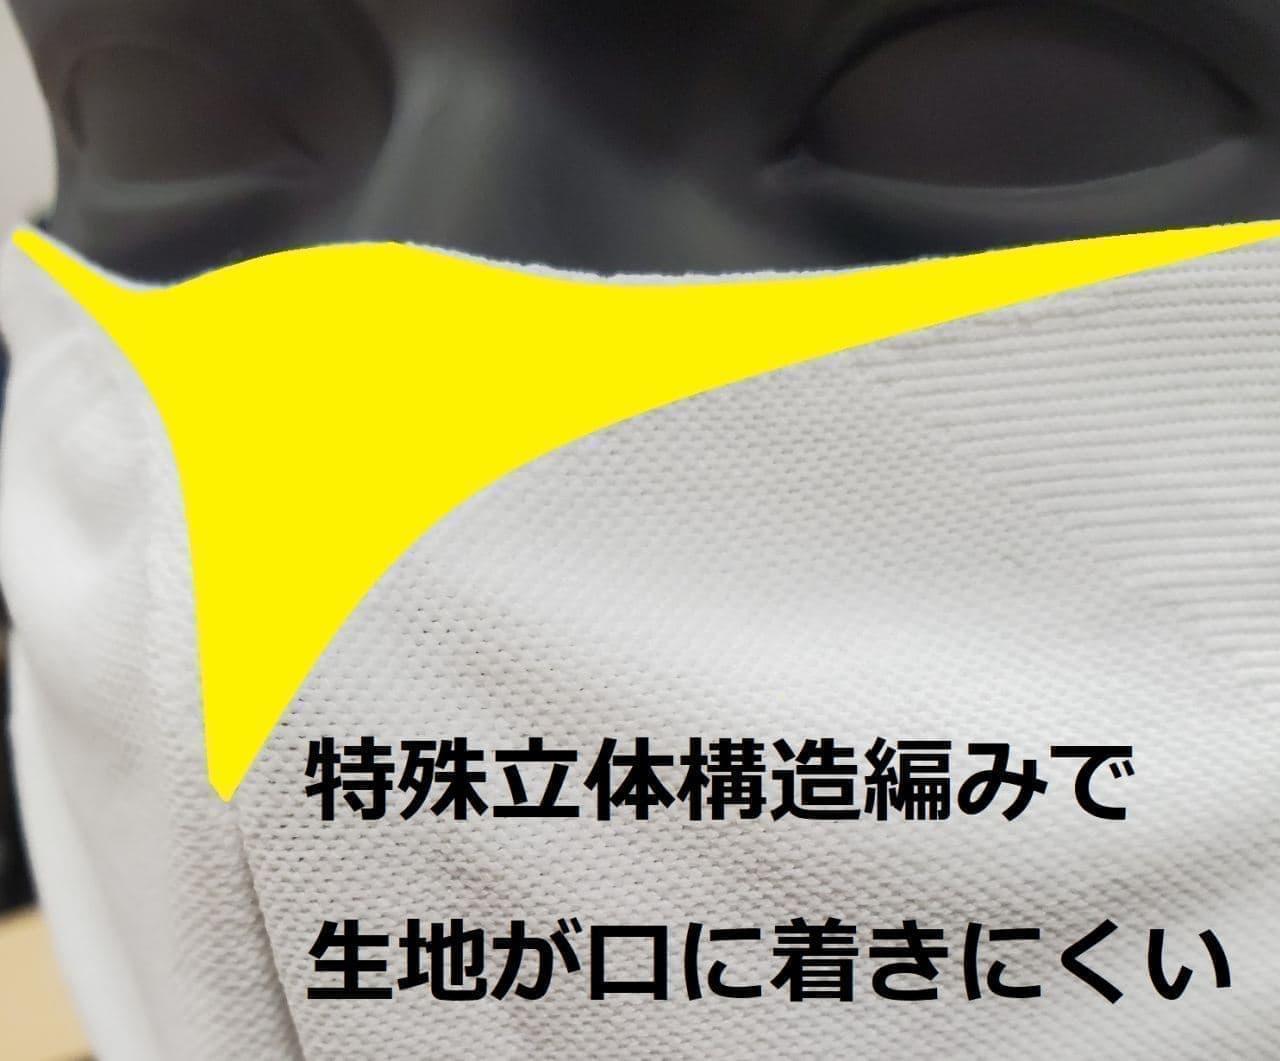 接触冷感&UVカットニットの「クールストレッチニットマスク」 創業100年のイイダ靴下から